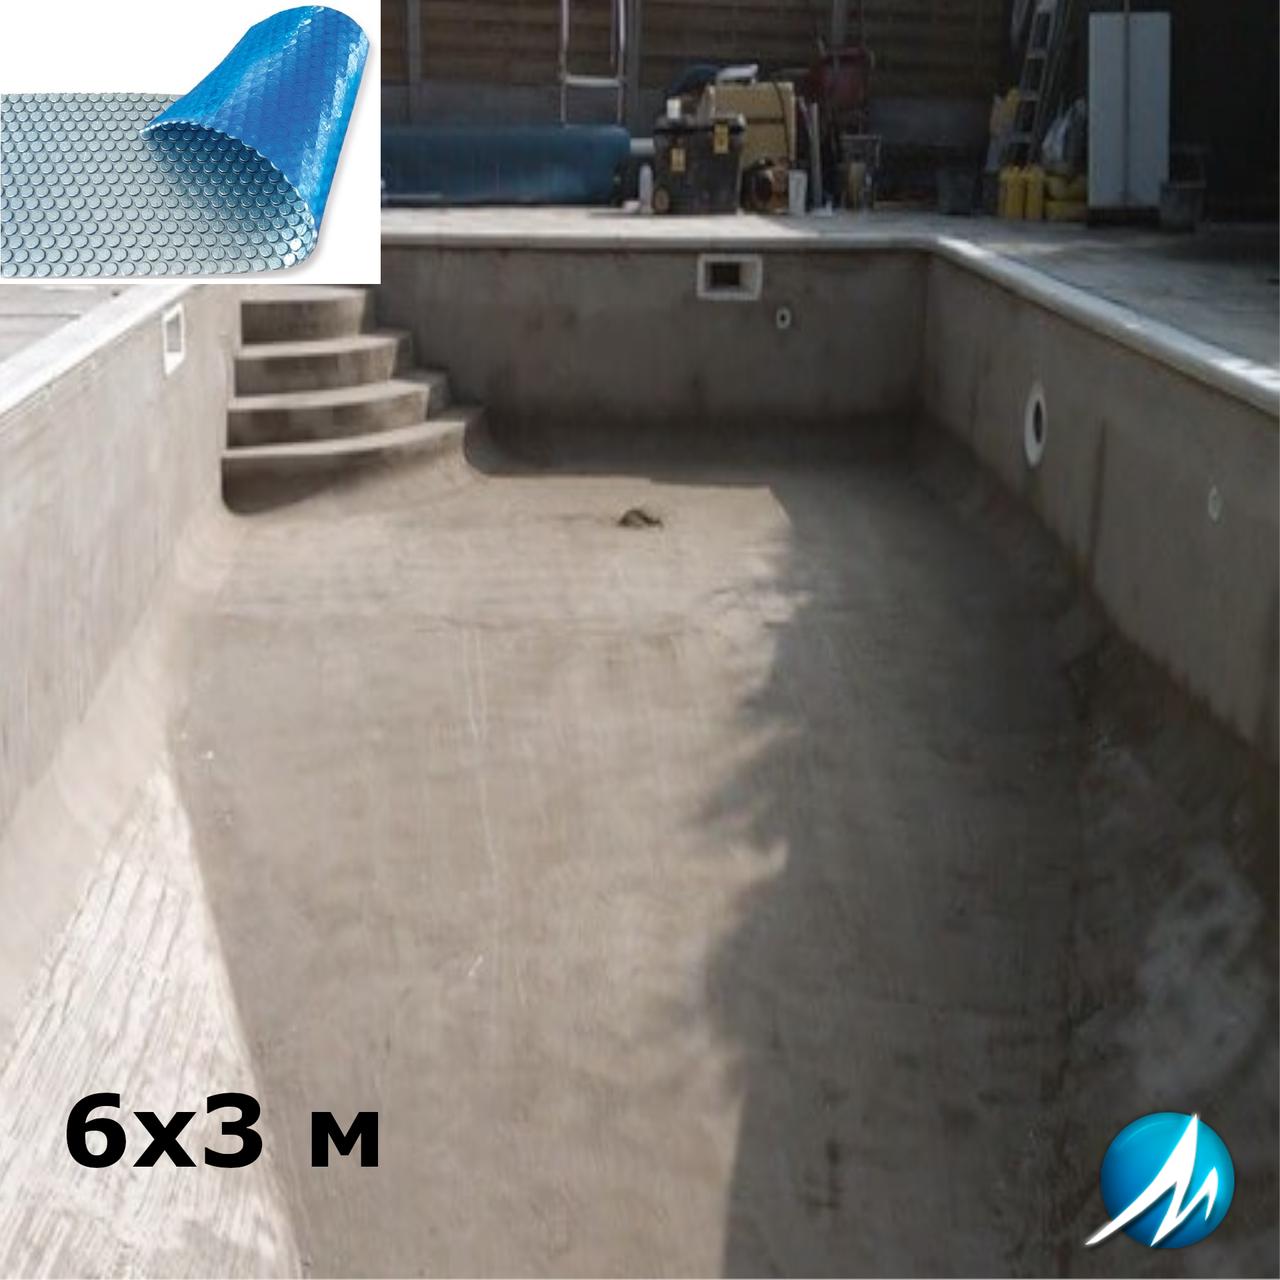 Солярное накрытие для бетонного бассейна 6х3 м